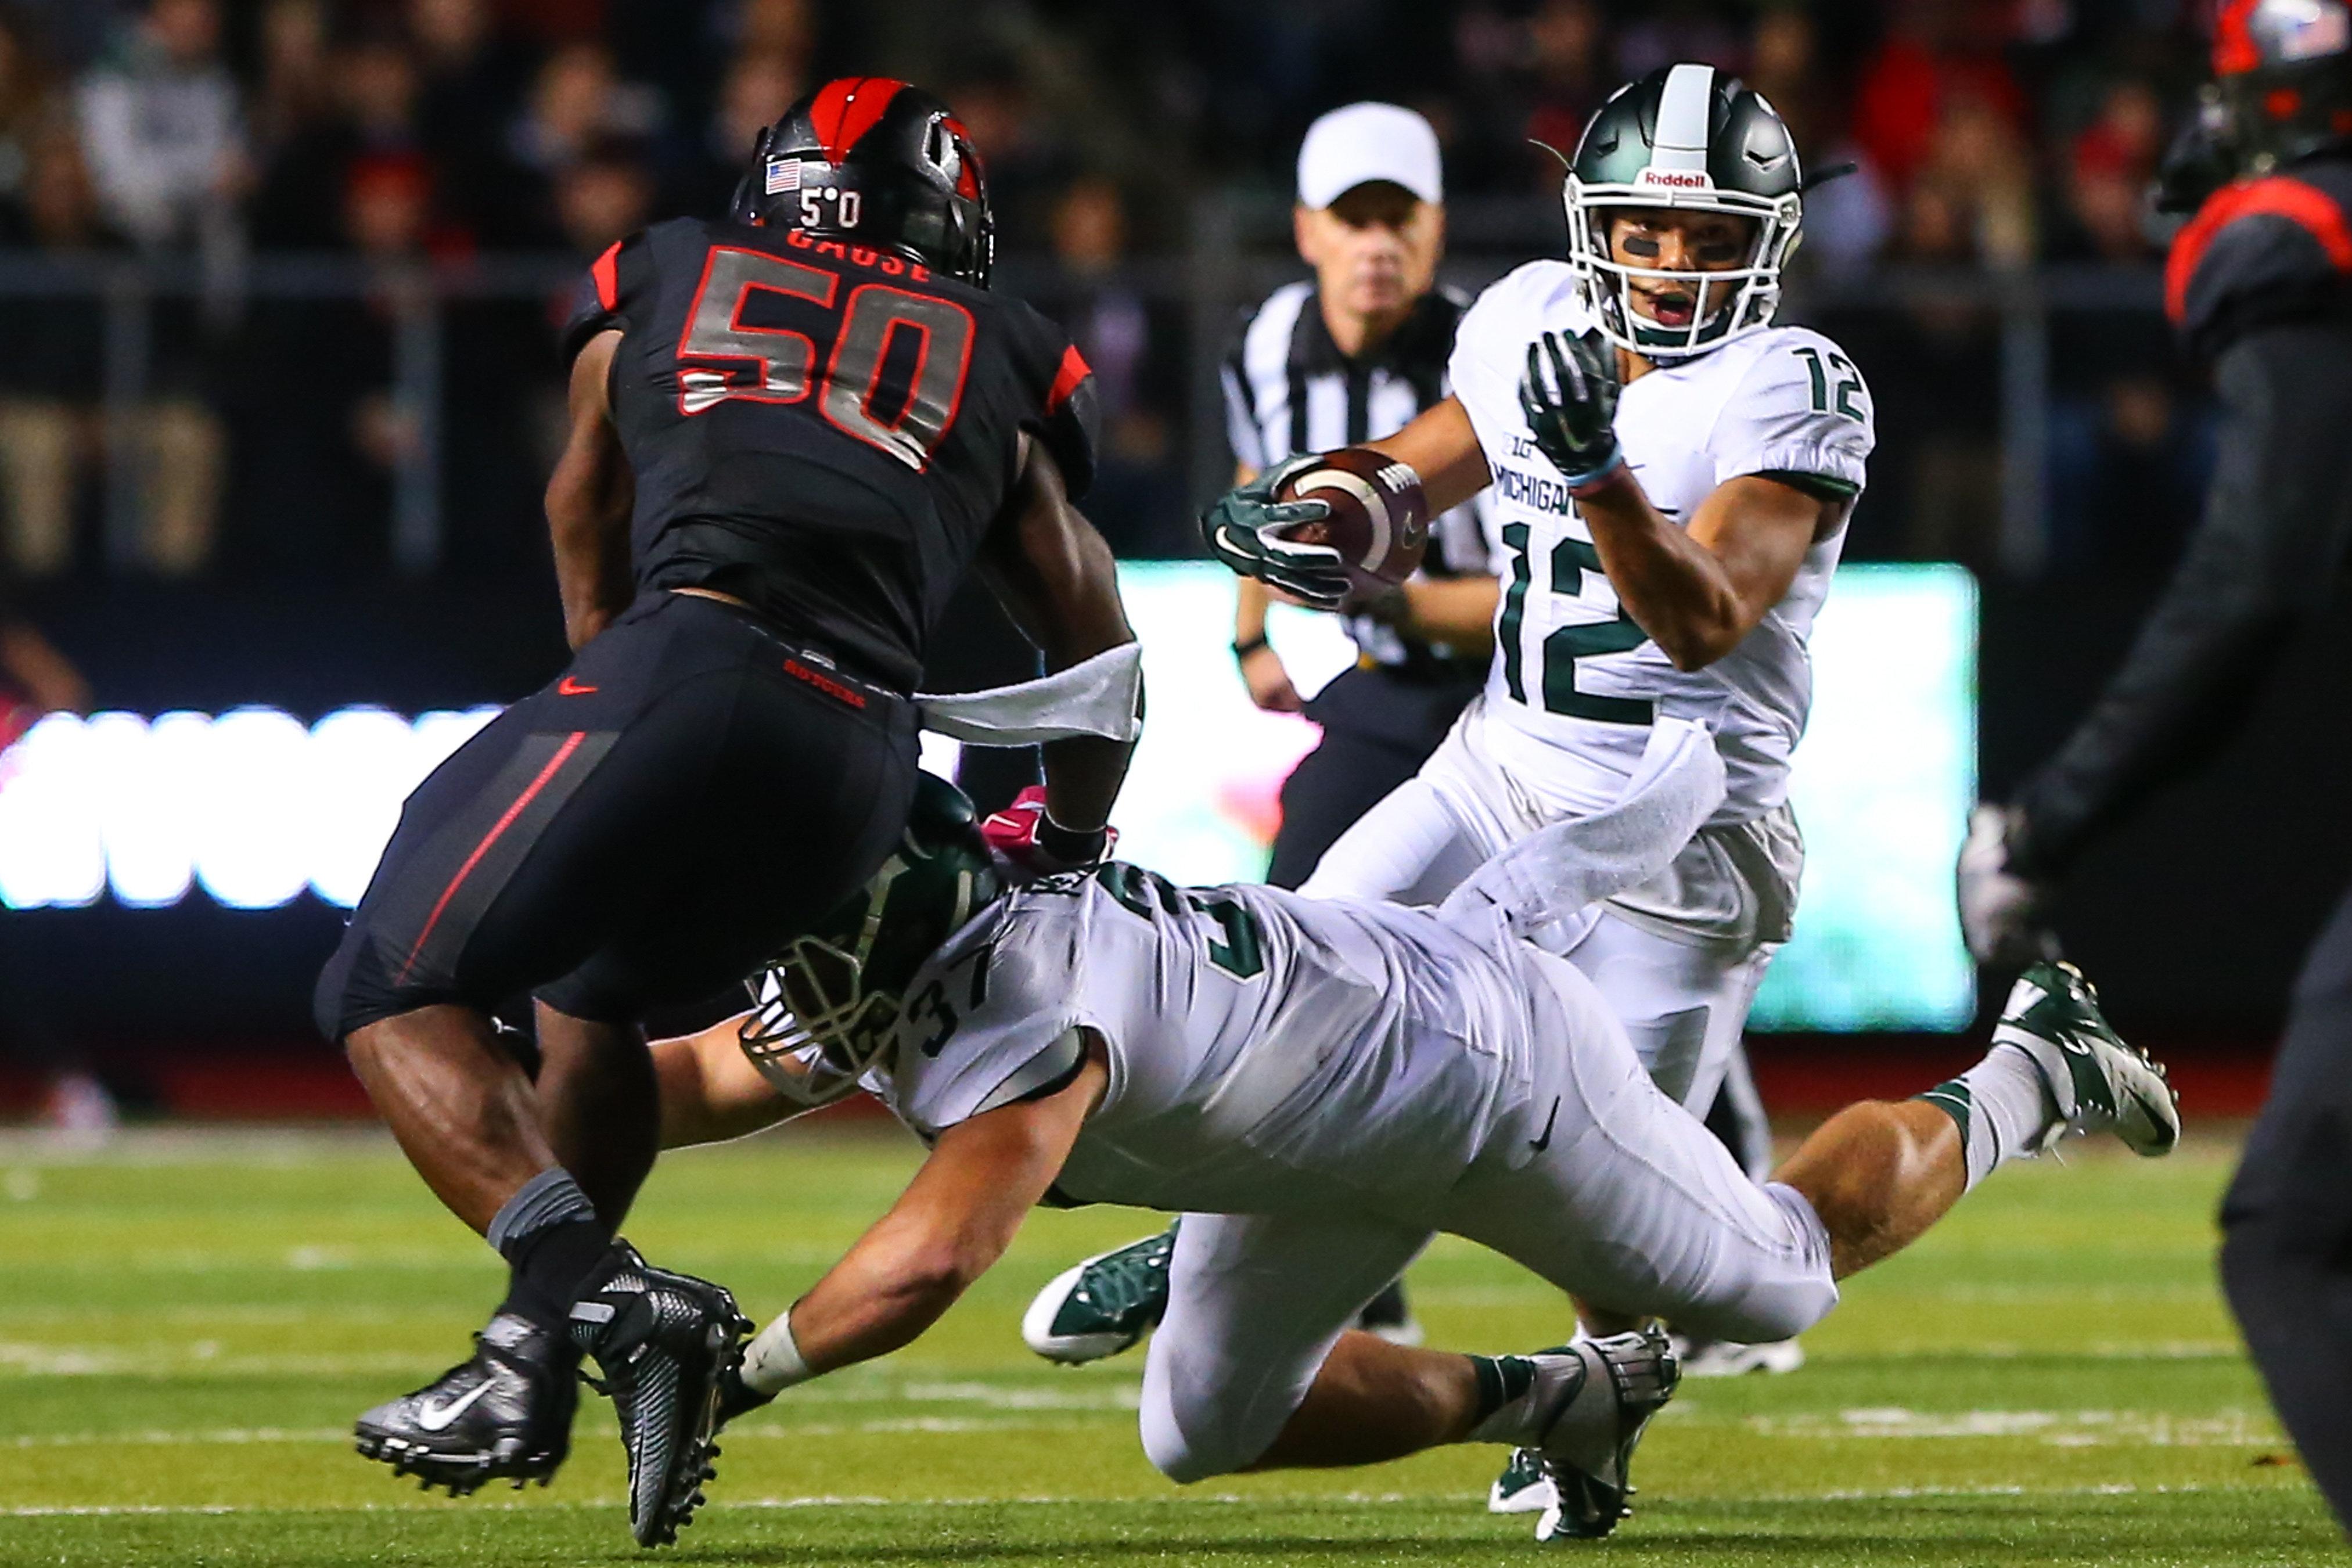 NCAA FOOTBALL: OCT 10 Michigan State at Rutgers